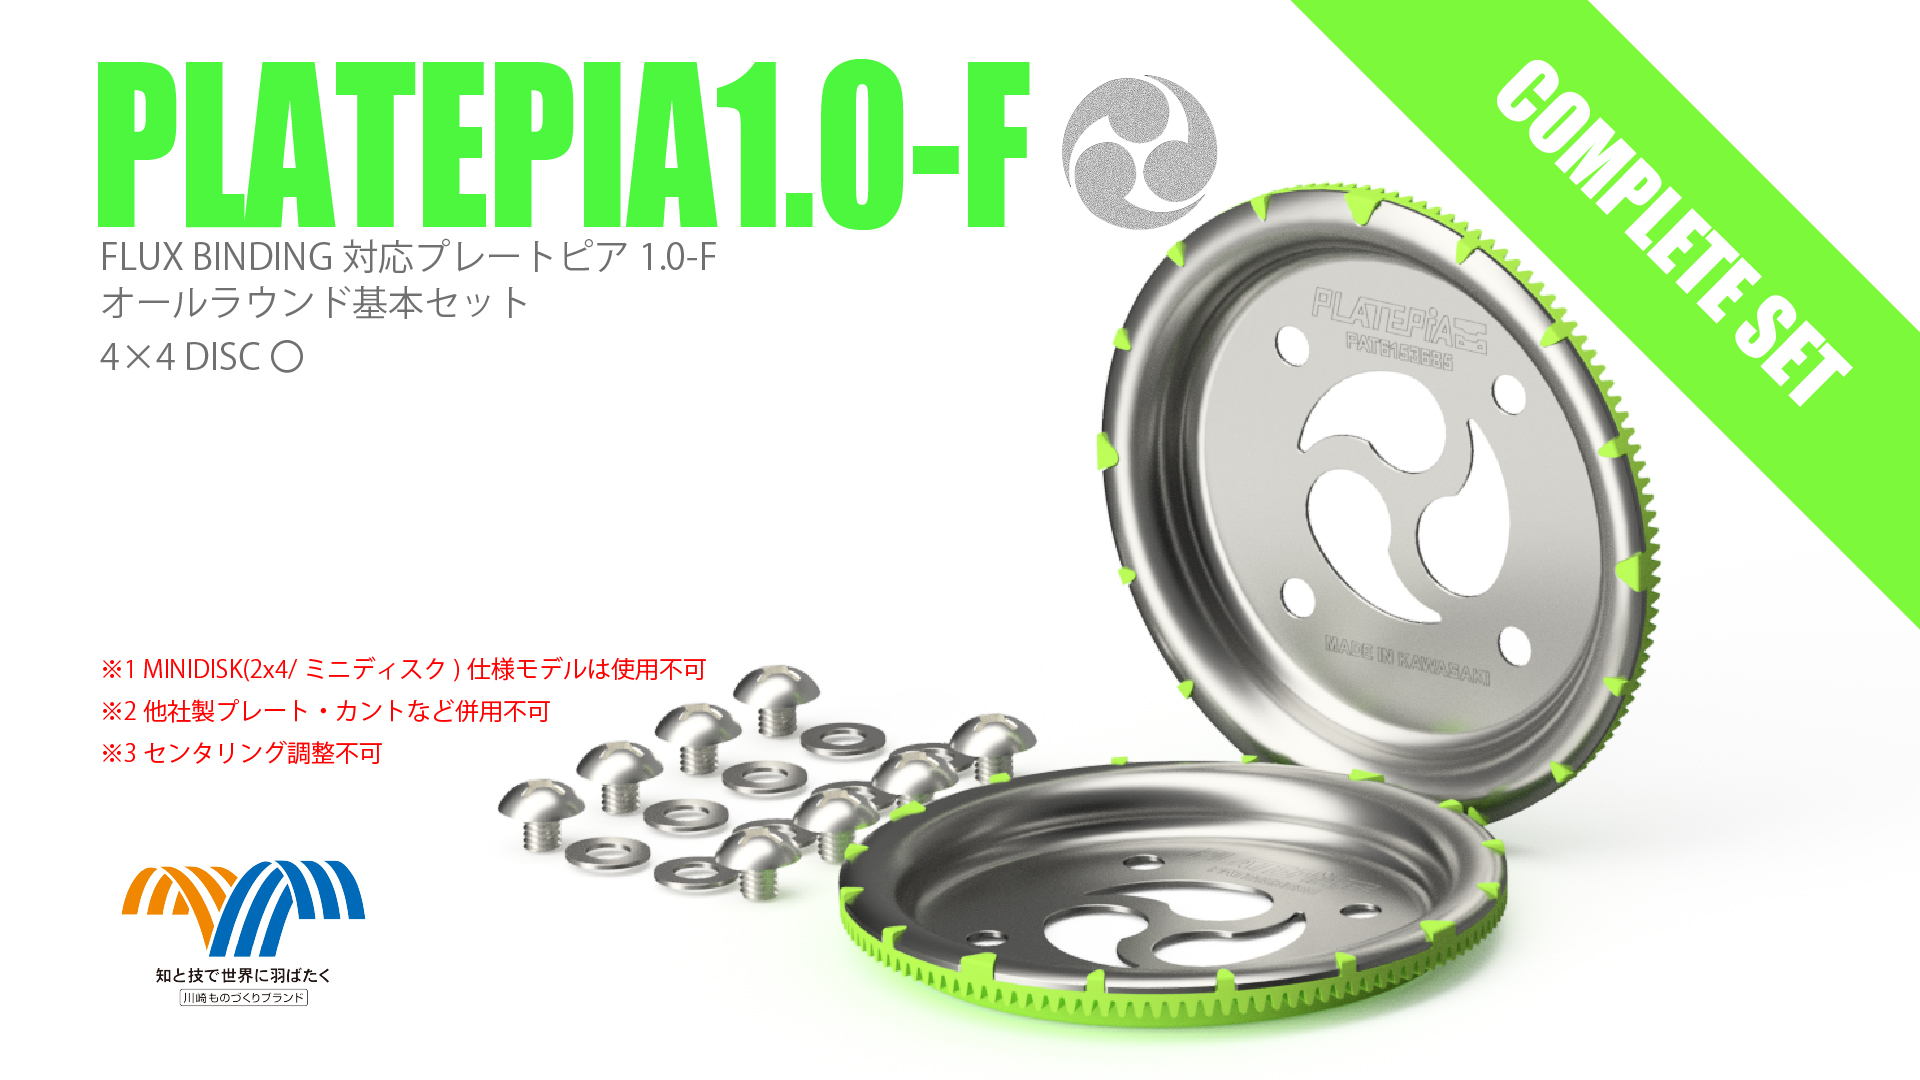 PLATEPIA1.0-F